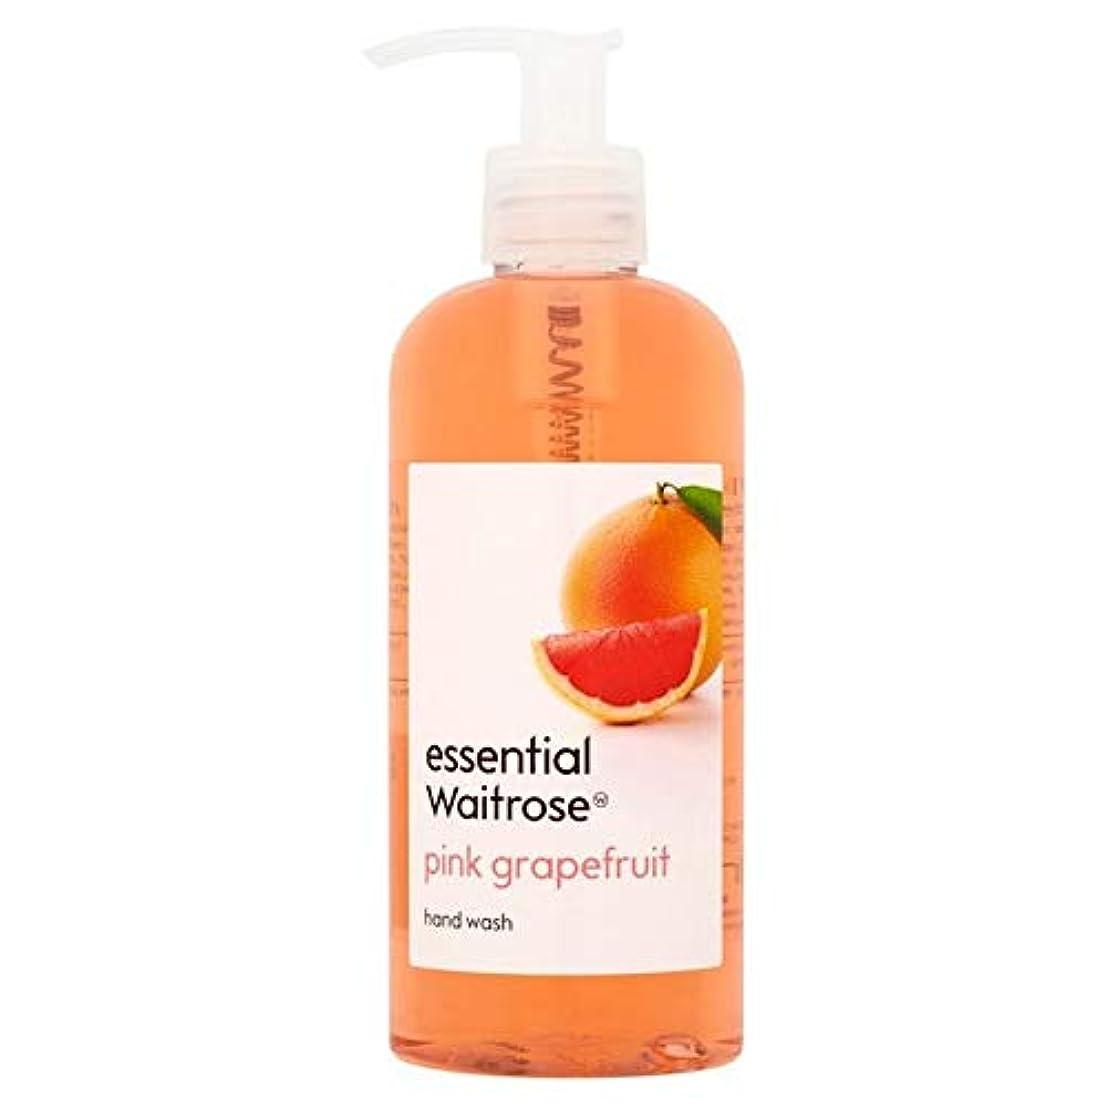 原子植物学者深遠[Waitrose ] 基本的なウェイトローズのハンドウォッシュピンクグレープフルーツ300ミリリットル - Essential Waitrose Hand Wash Pink Grapefruit 300ml [並行輸入品]